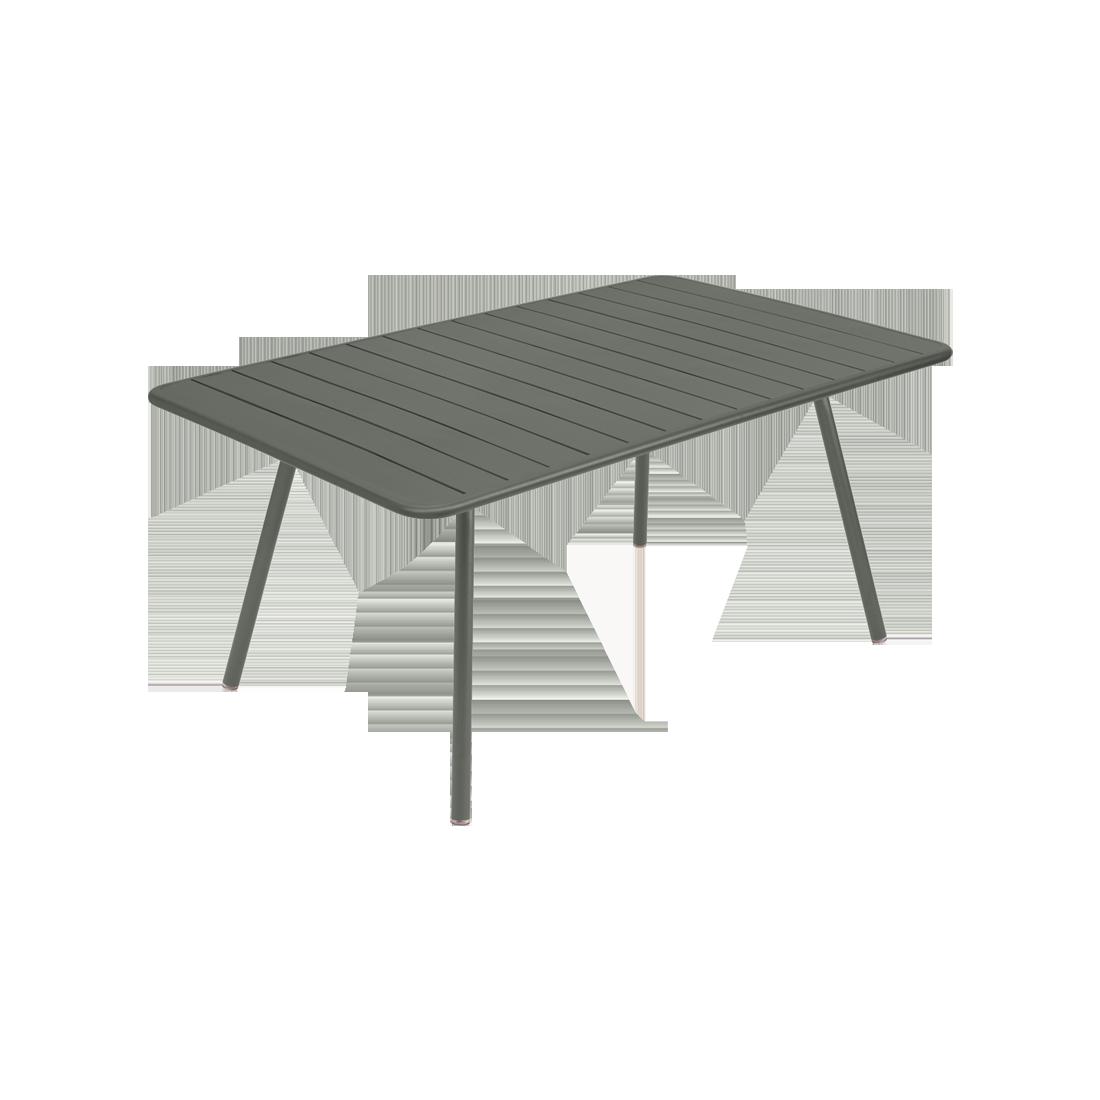 Tisch Luxembourg 165 x 100, Gartentisch aus Metall